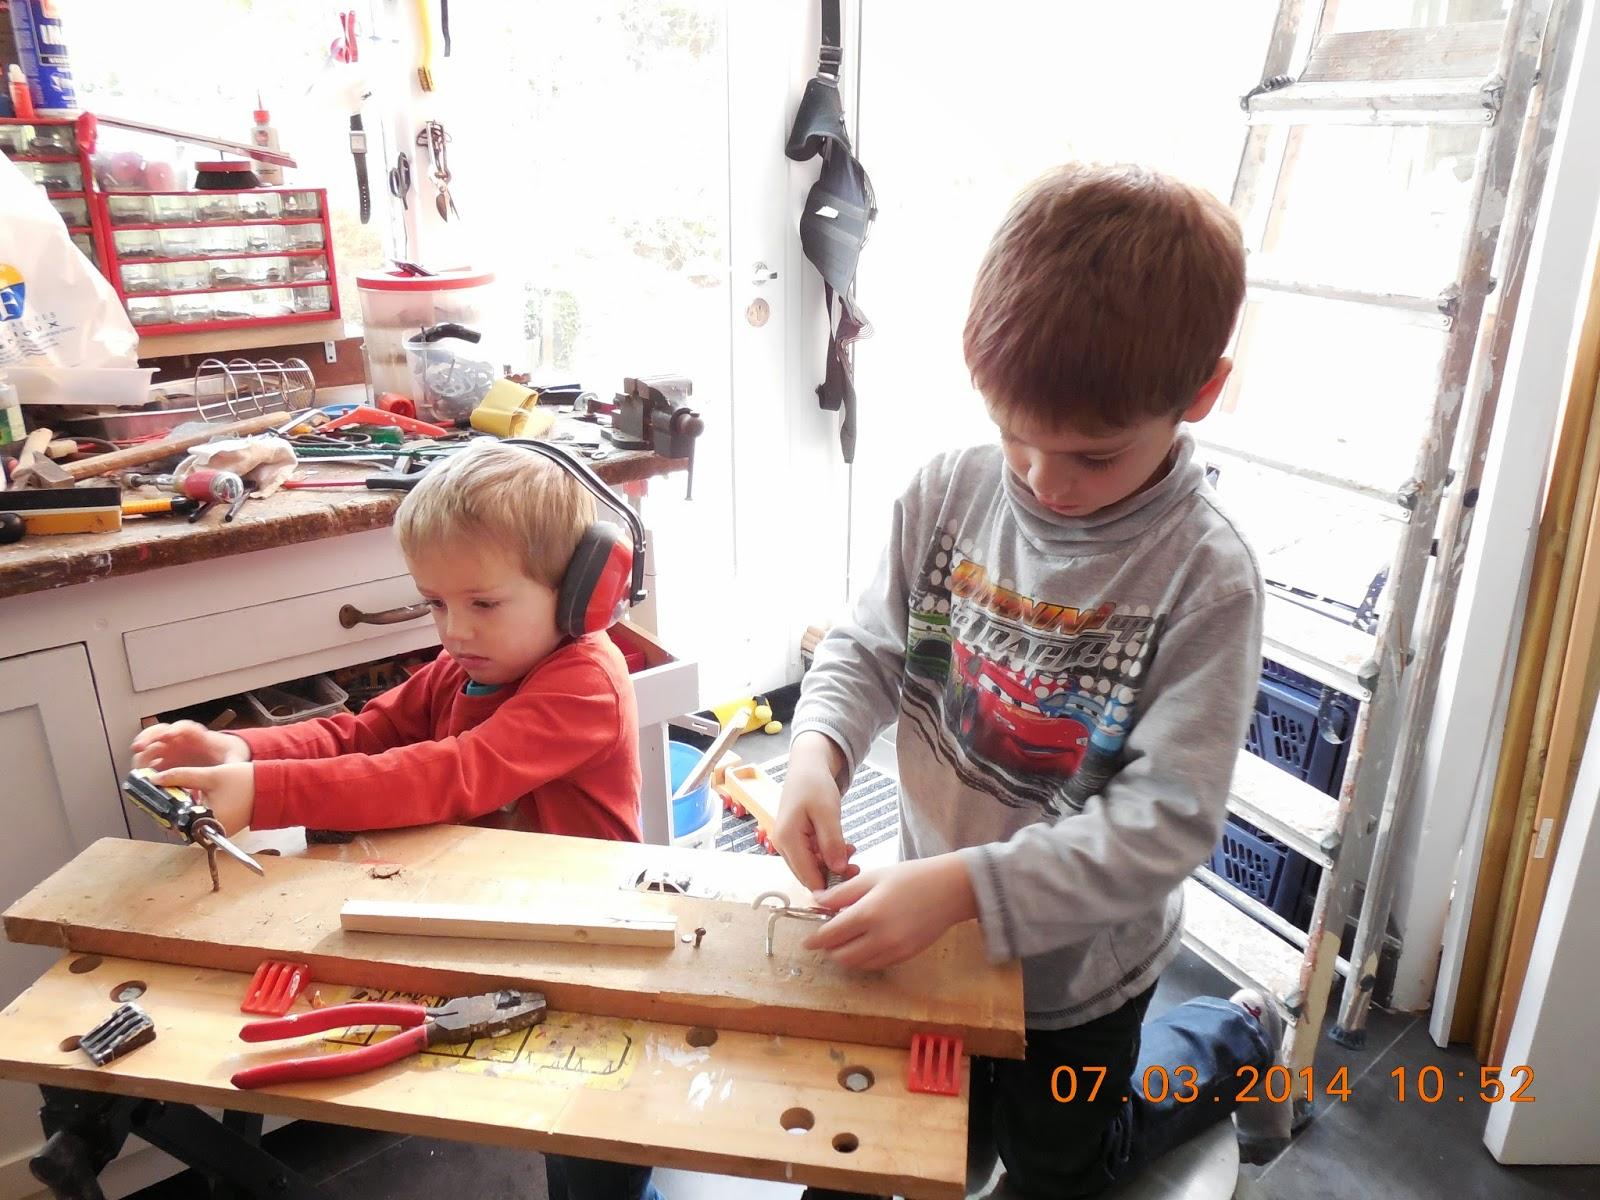 atelier de papy le mur de papy bio table basse wagonnet decauville publi de bonbons ancien. Black Bedroom Furniture Sets. Home Design Ideas